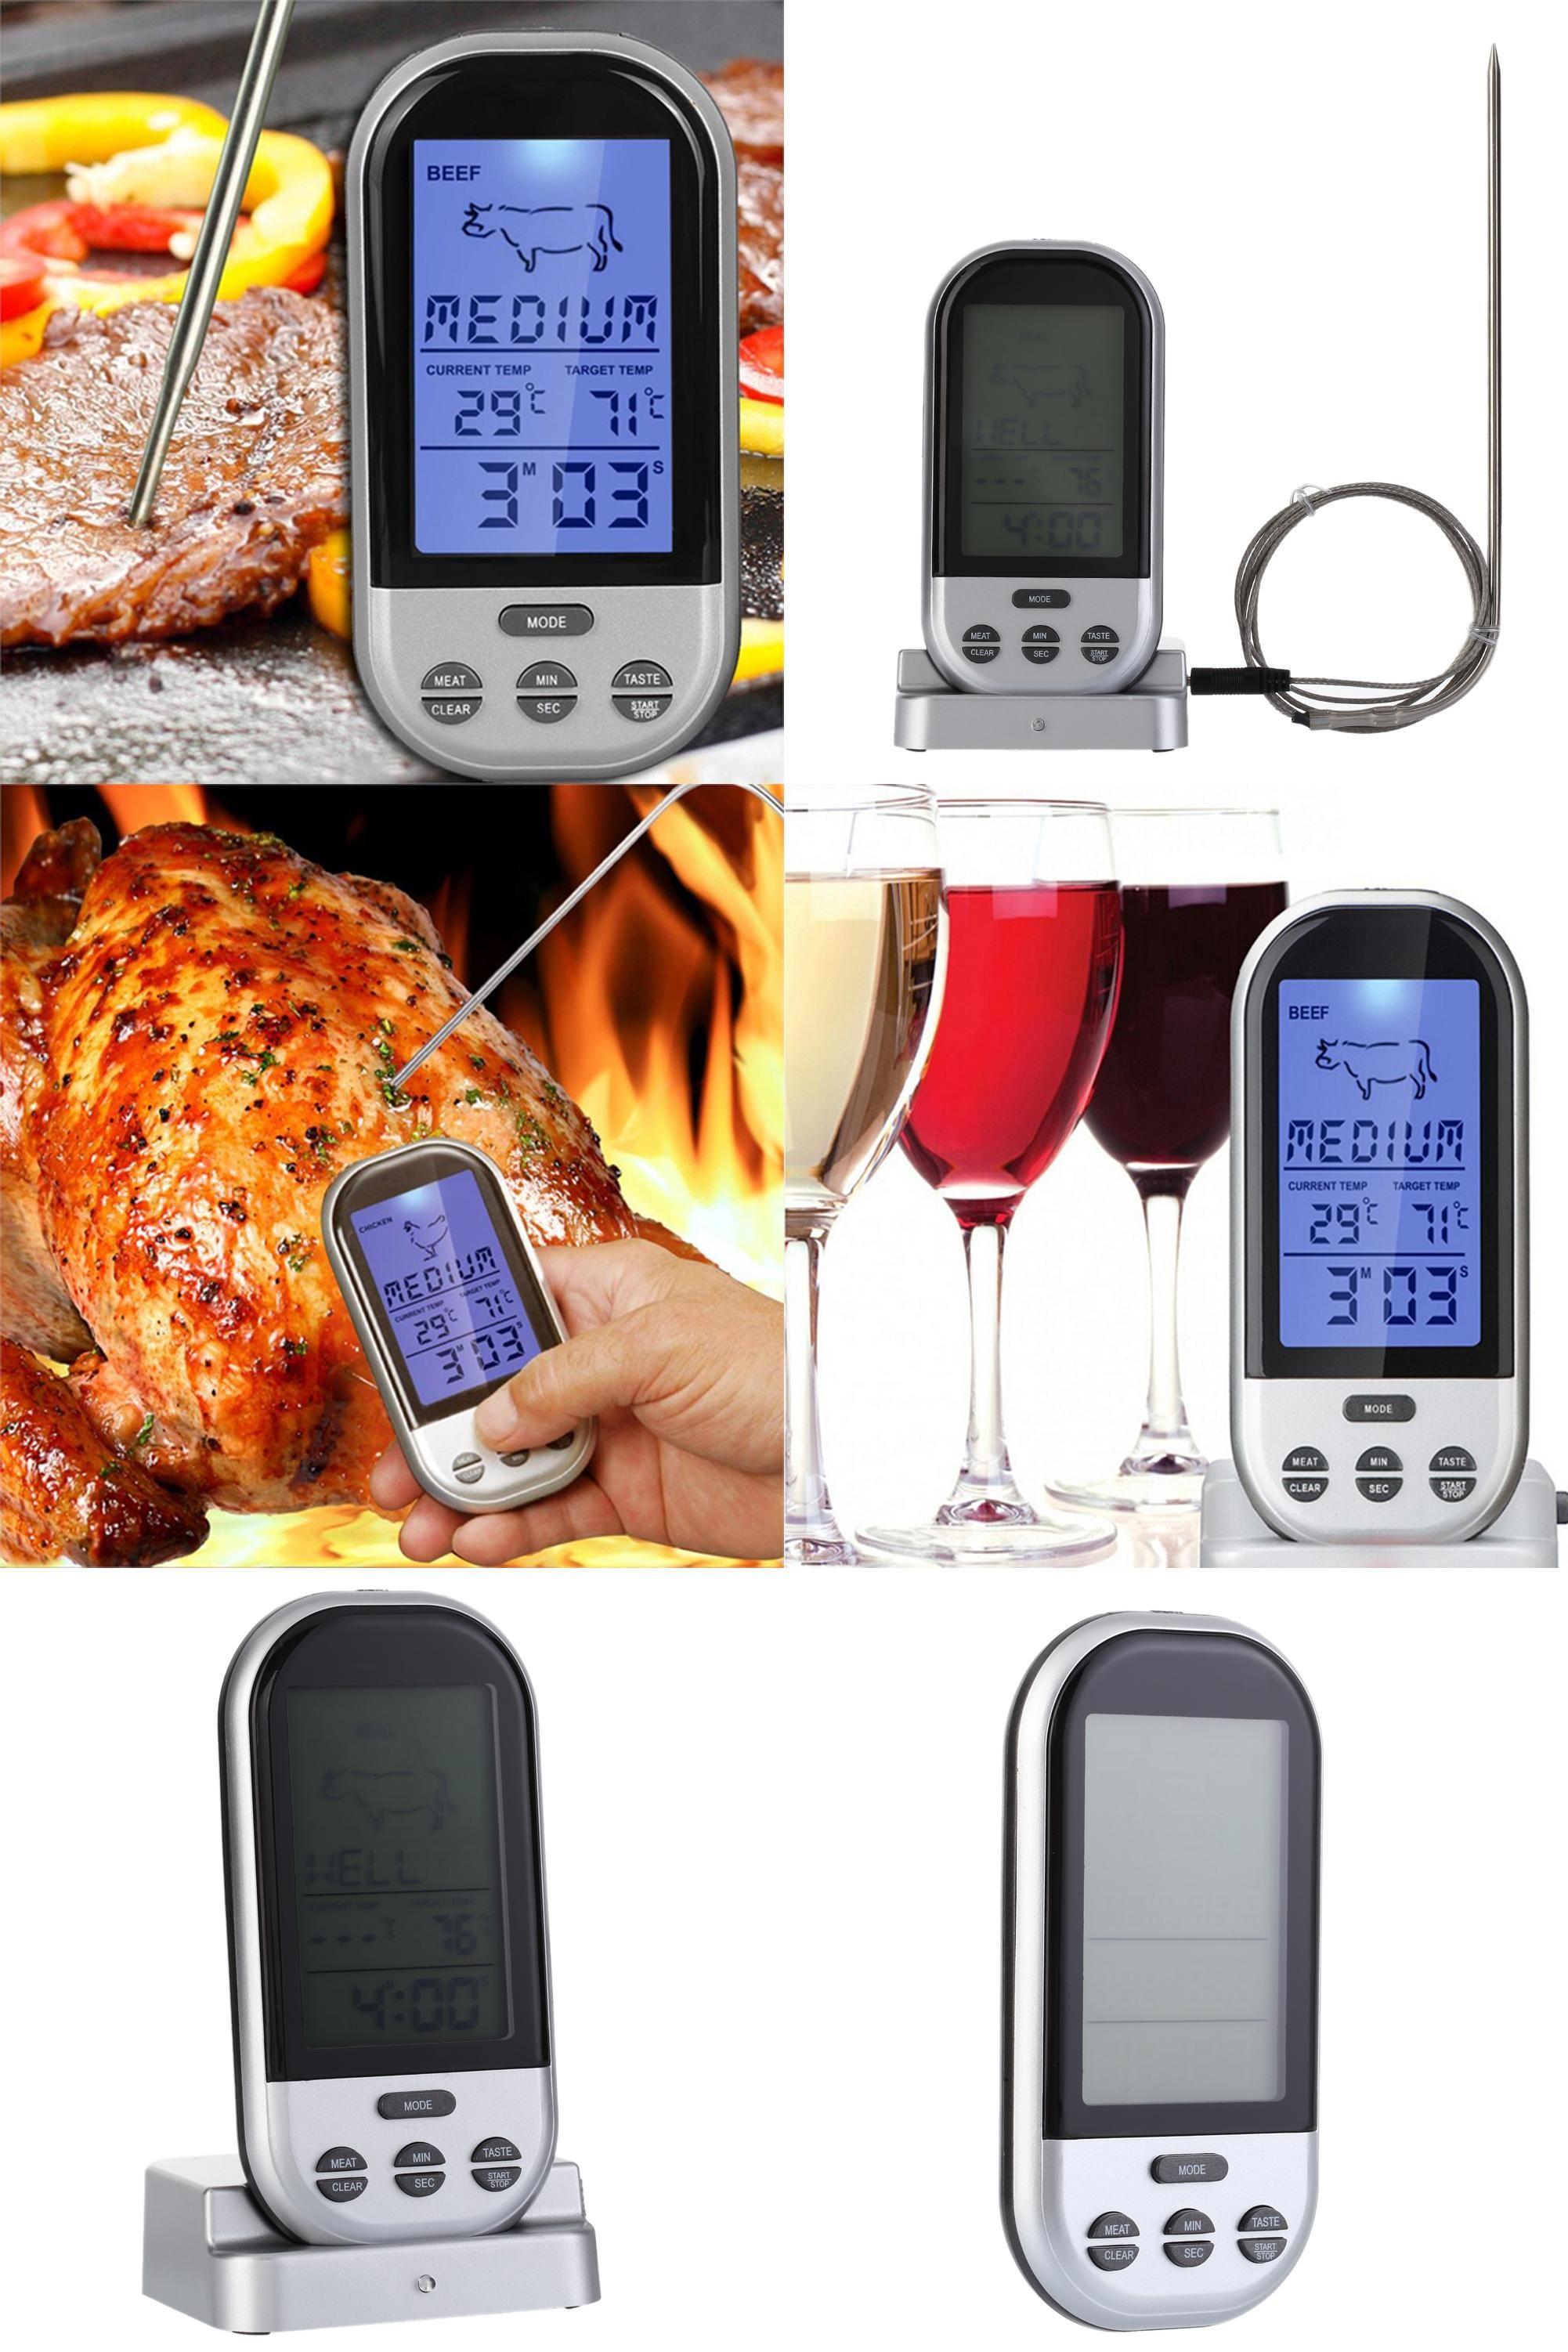 Fine Food Liquid Milk Bottle Thermometer Water Meter Oil Temperature Gauge New Temperature Gauges Home & Garden